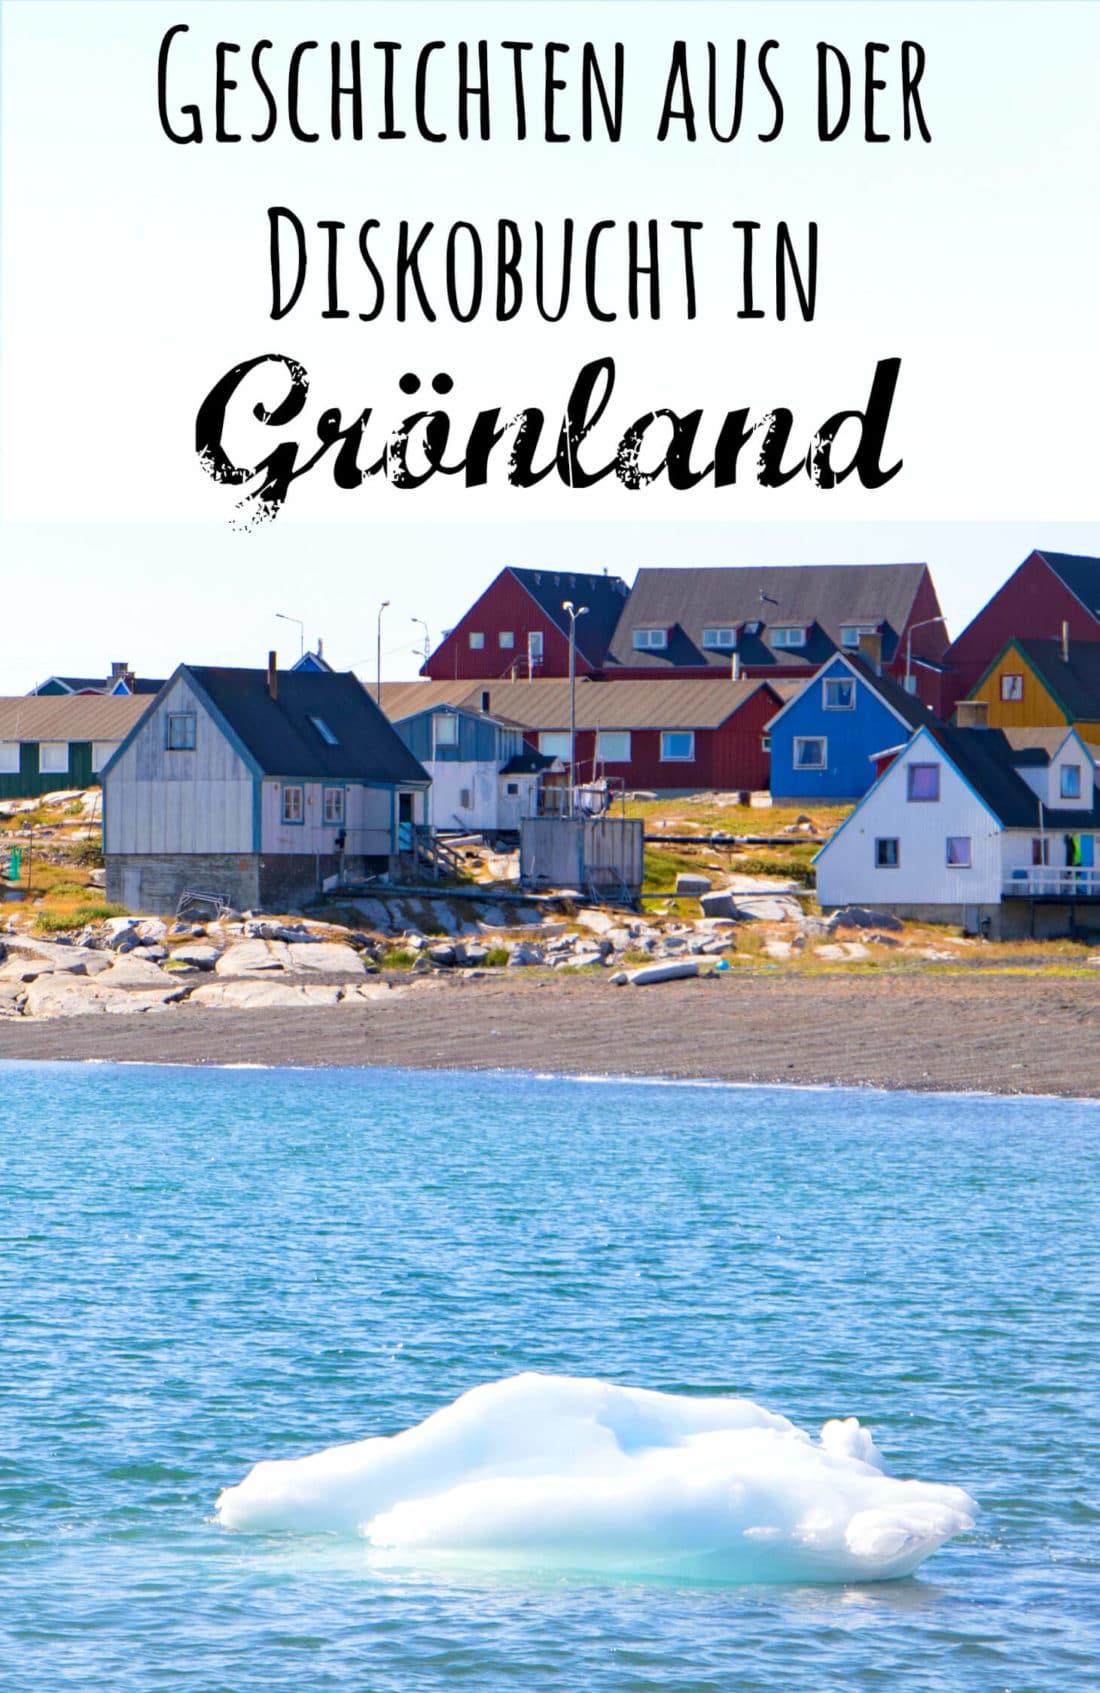 Blick aufs Meer auf der Diskoinsel in Grönland